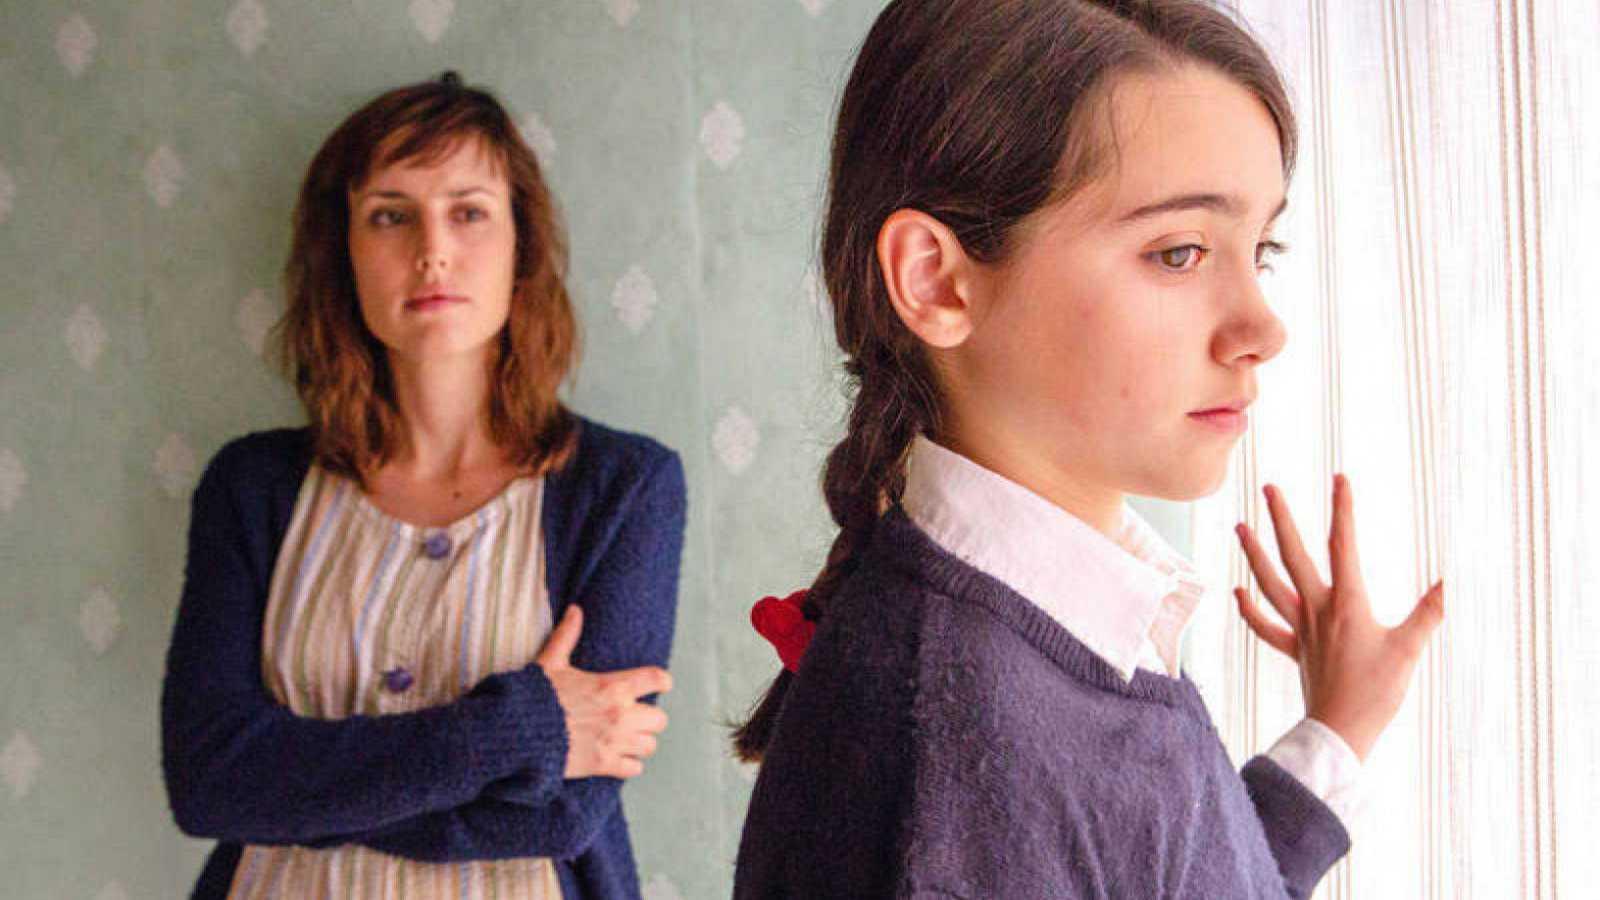 Tarde lo que tarde - ''Las niñas''  son feroces - 03/03/21 - escuchar ahora